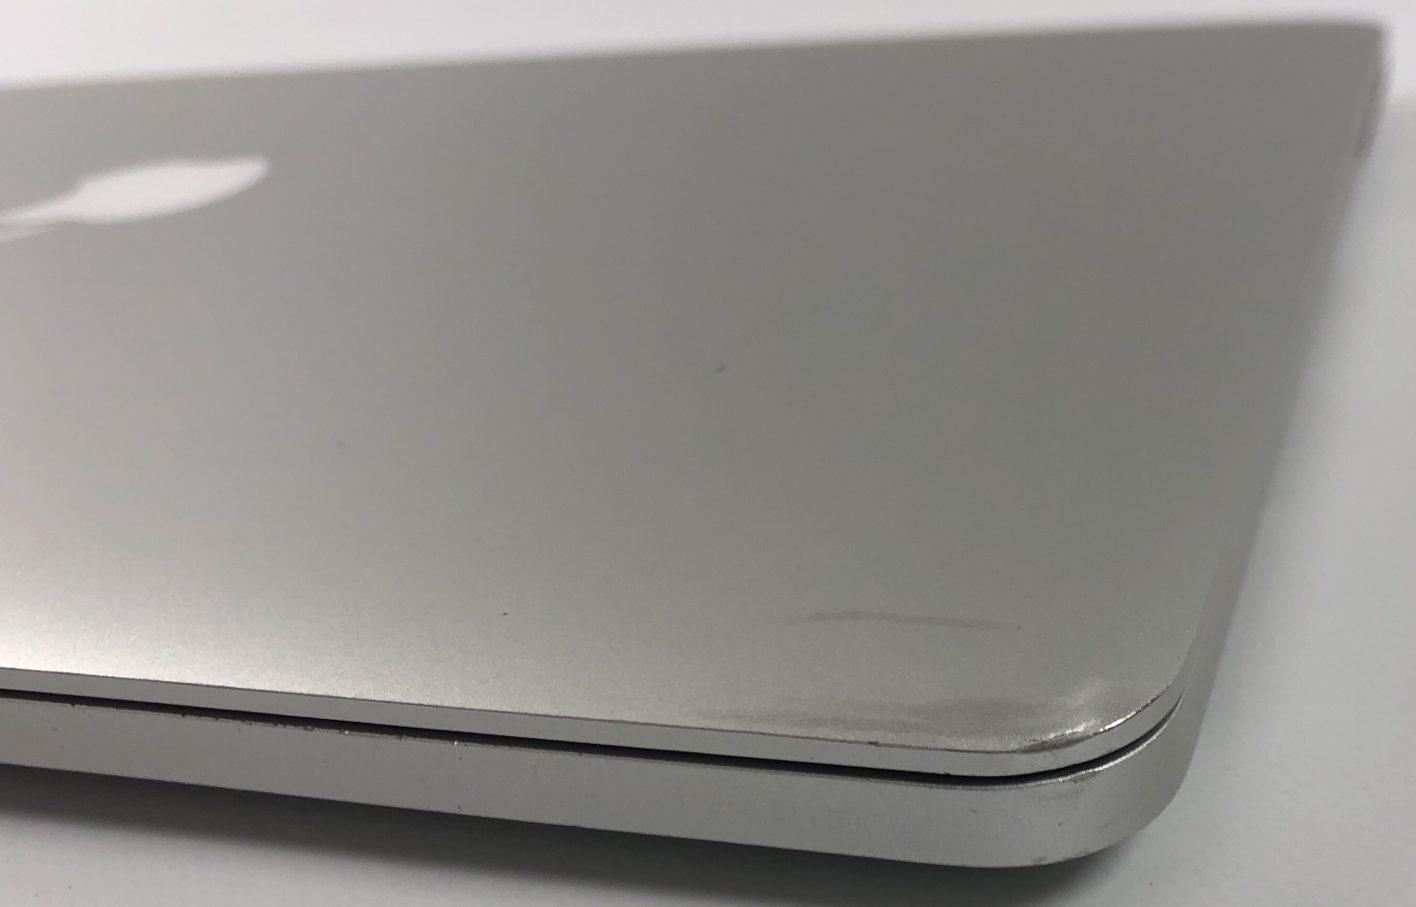 """MacBook Pro Retina 15"""" Mid 2015 (Intel Quad-Core i7 2.2 GHz 16 GB RAM 256 GB SSD), Intel Quad-Core i7 2.2 GHz, 16 GB RAM, 256 GB SSD, image 4"""